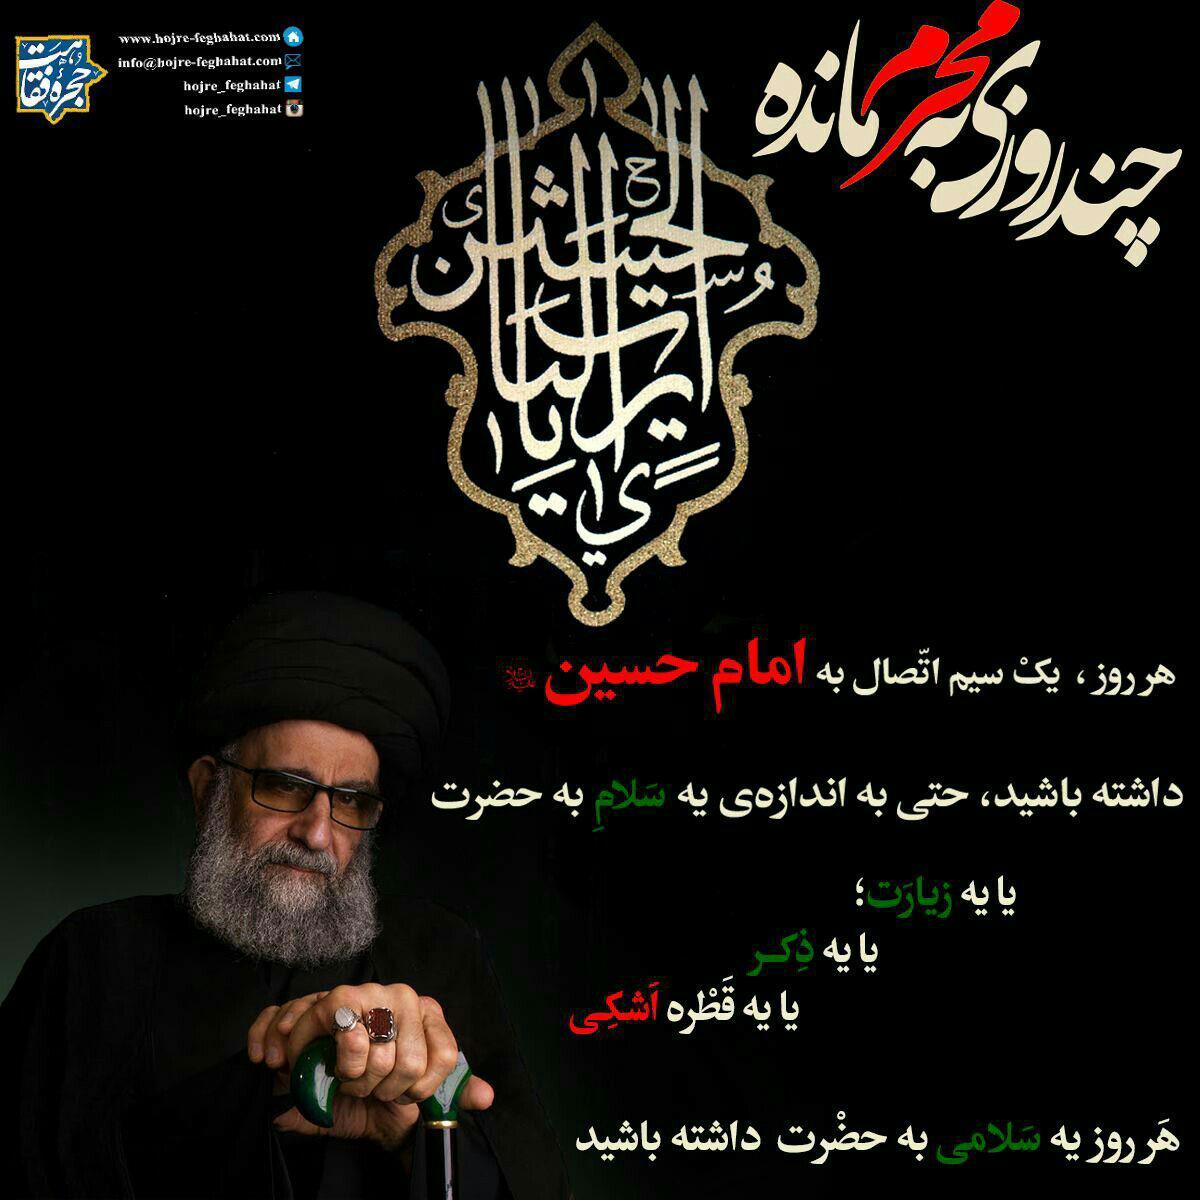 عکس نوشته | چند روزی به محرم مانده، اتصال به امام حسین علیه السلام داشته باشید…